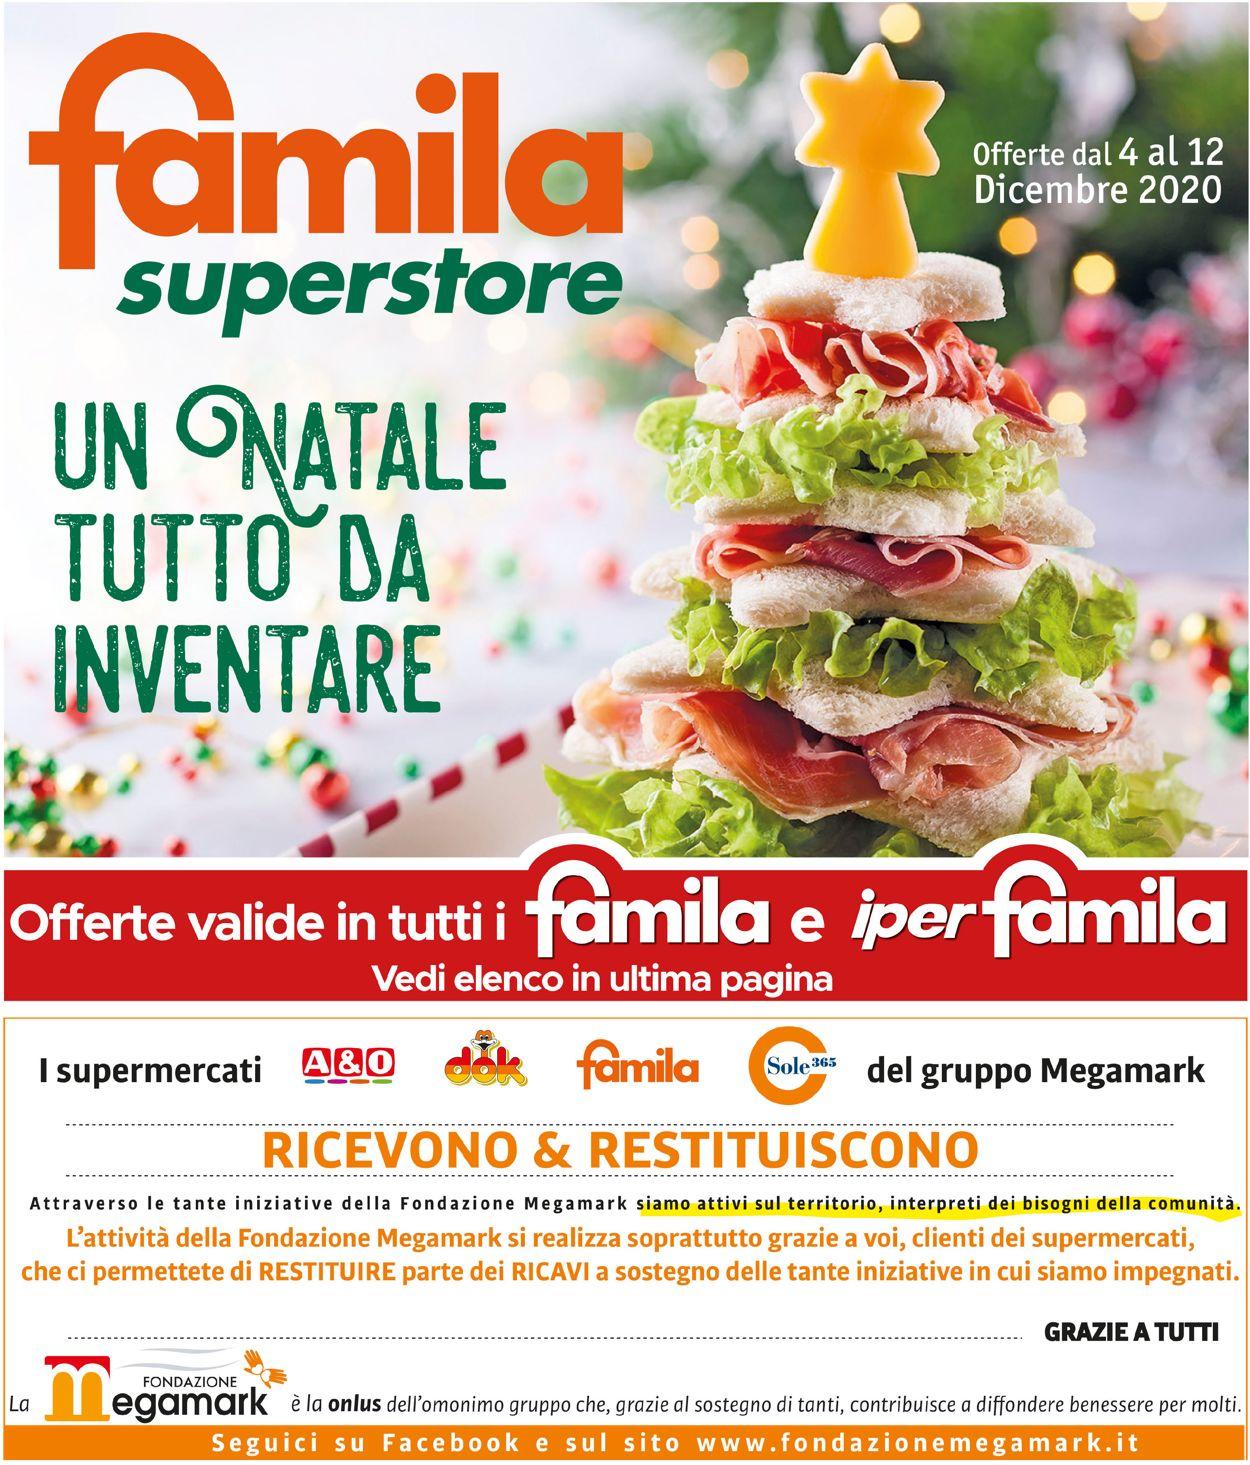 Volantino Famila - Natale 2020 - Offerte 04/12-12/12/2020